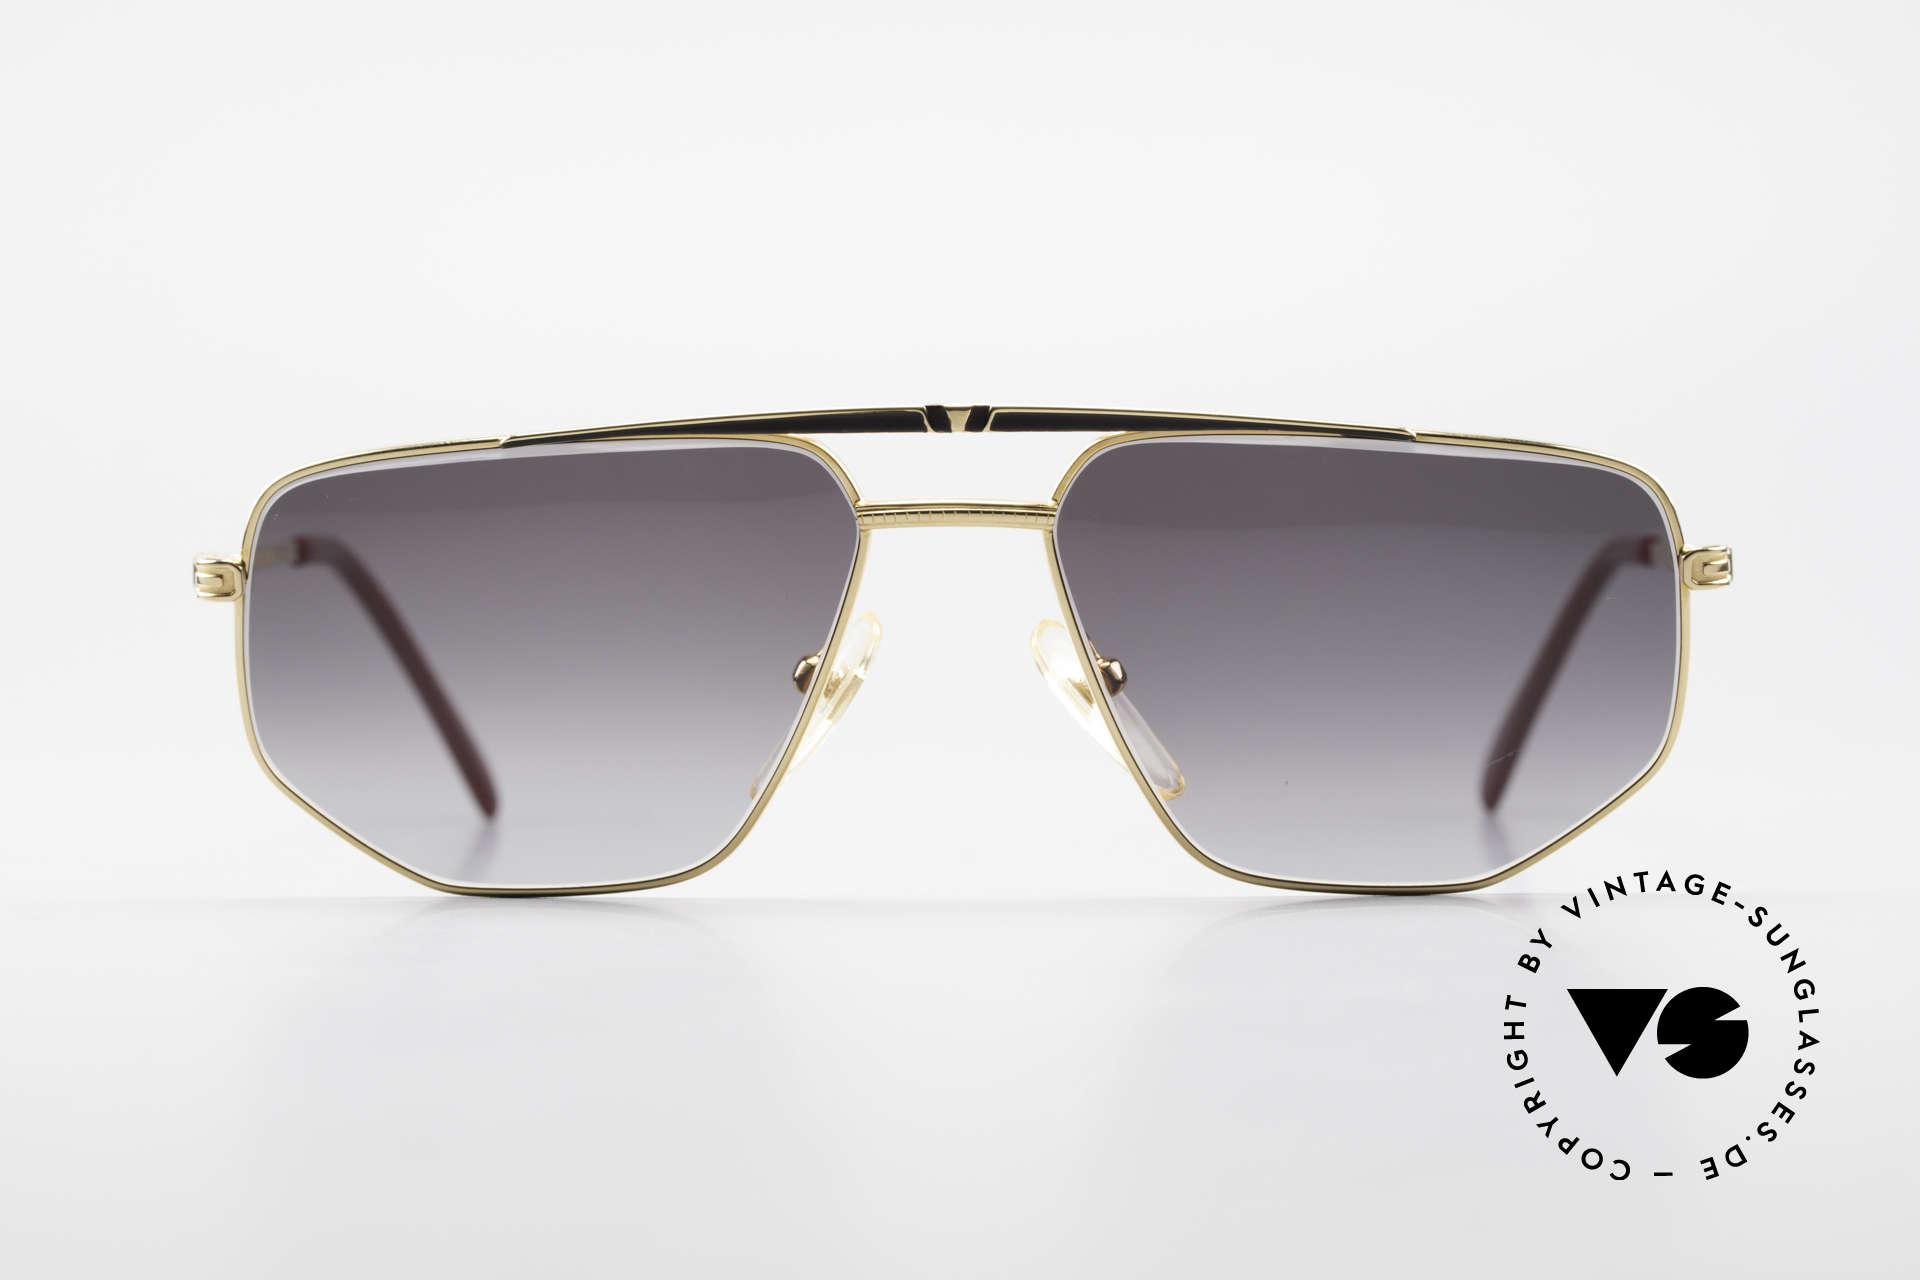 Roman Rothschild R1037 Vergoldete Sonnenbrille Luxus, alle Rothschild Brillen sind 18Kt oder 20Kt vergoldet, Passend für Herren und Damen